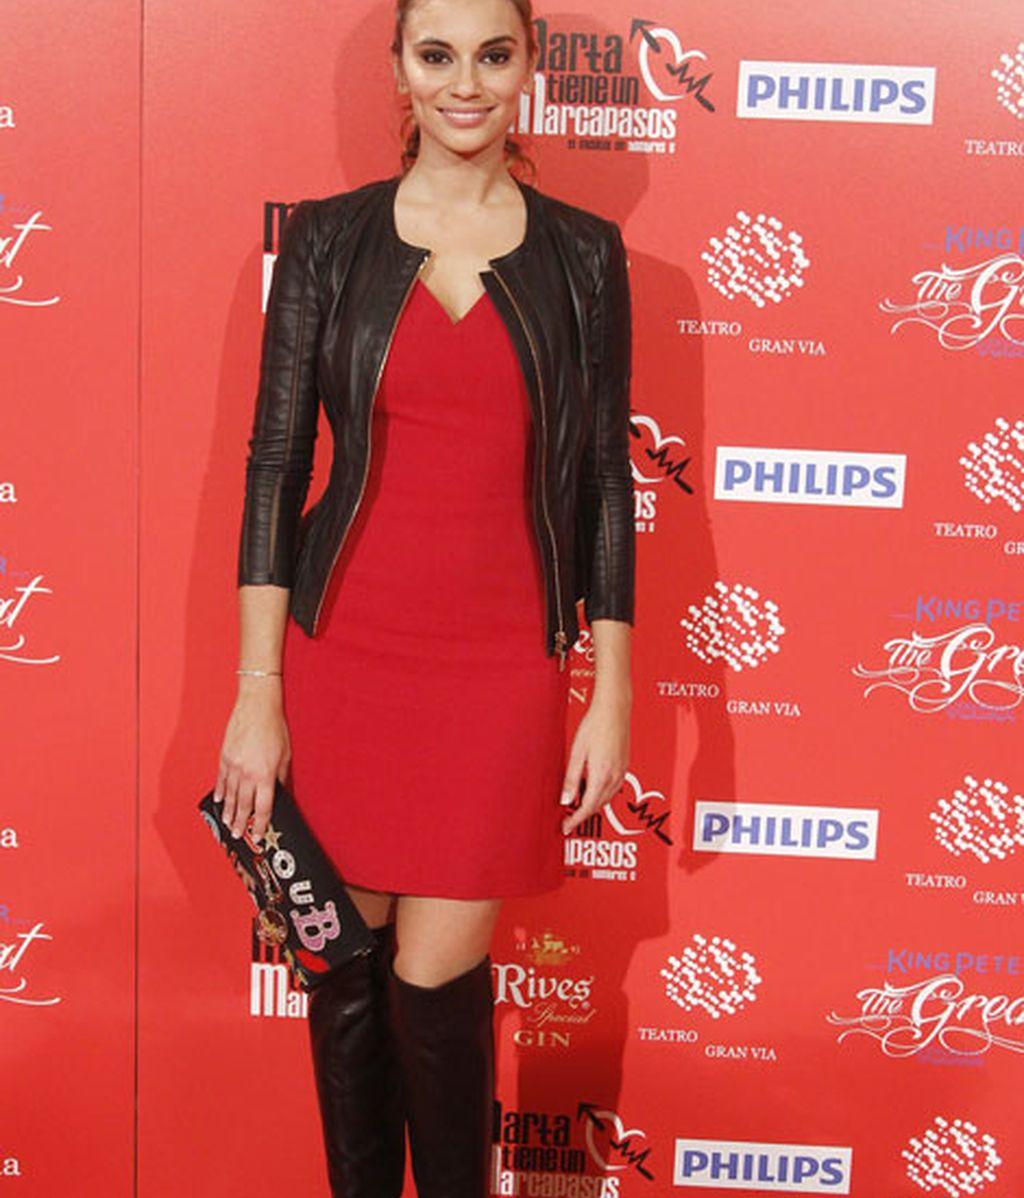 La actriz Norma Ruiz, con un vestido rojo y complementos negros